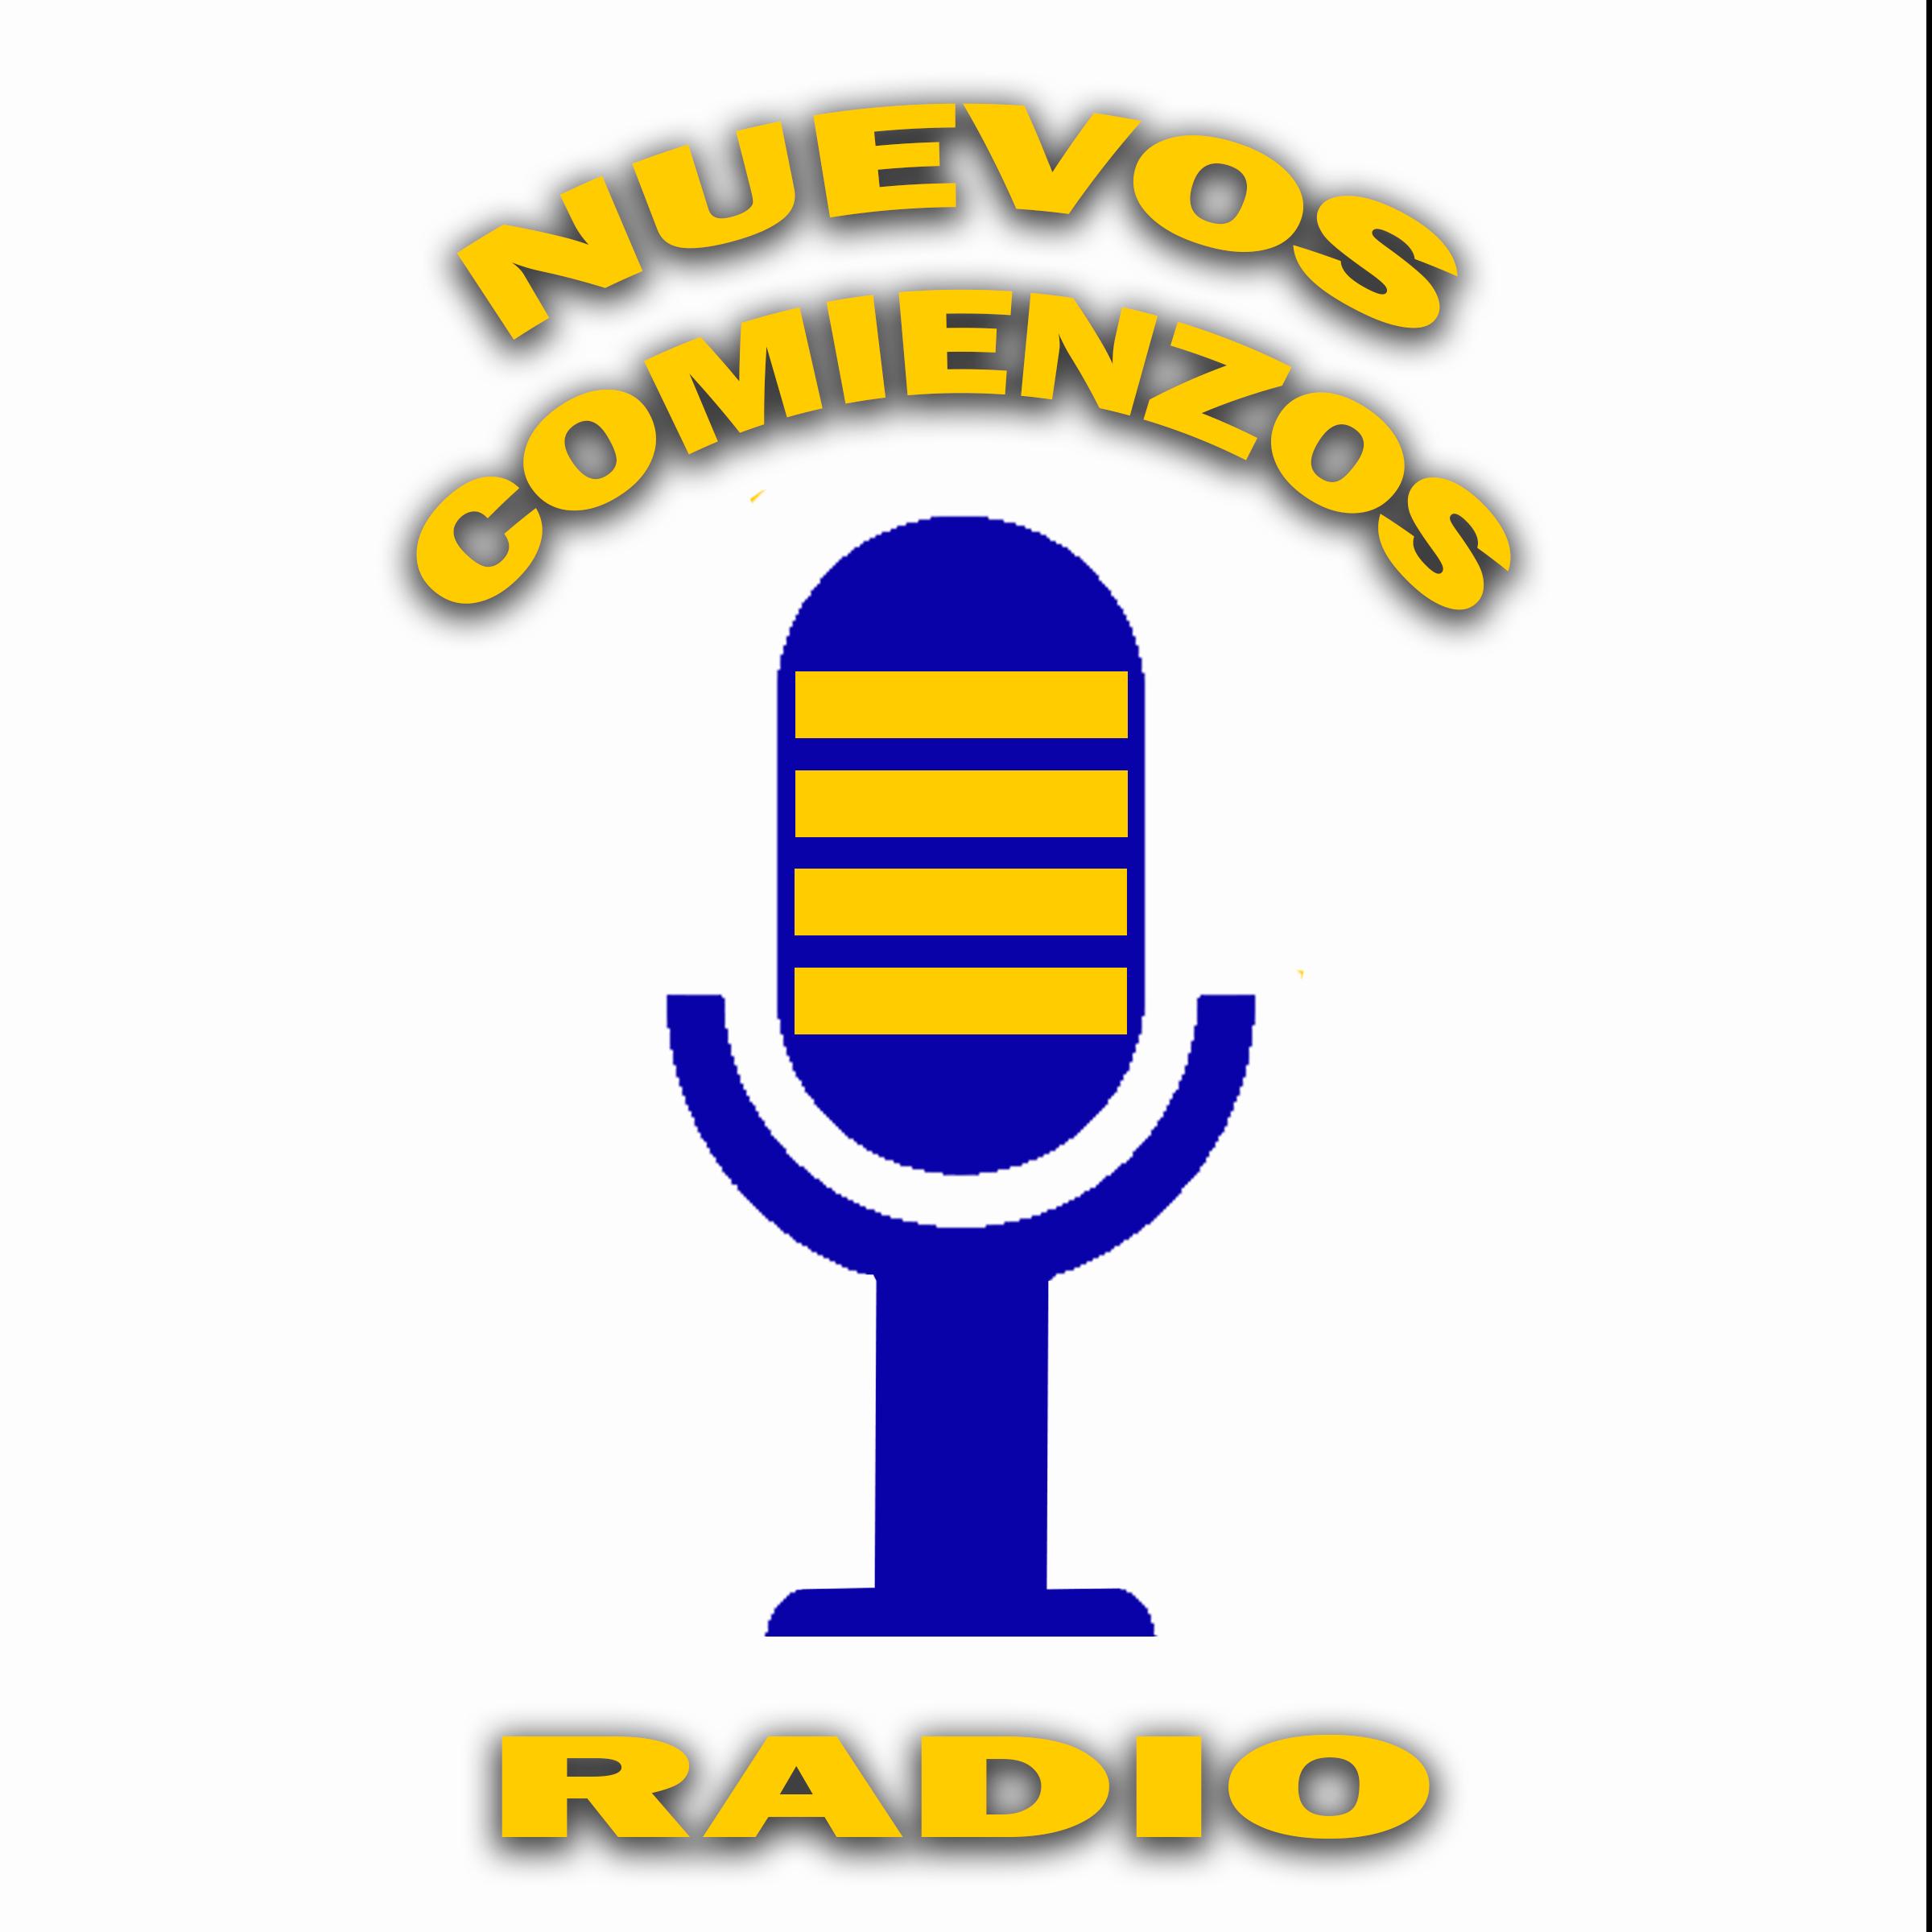 RADIO NUEVOS COMIENZOS